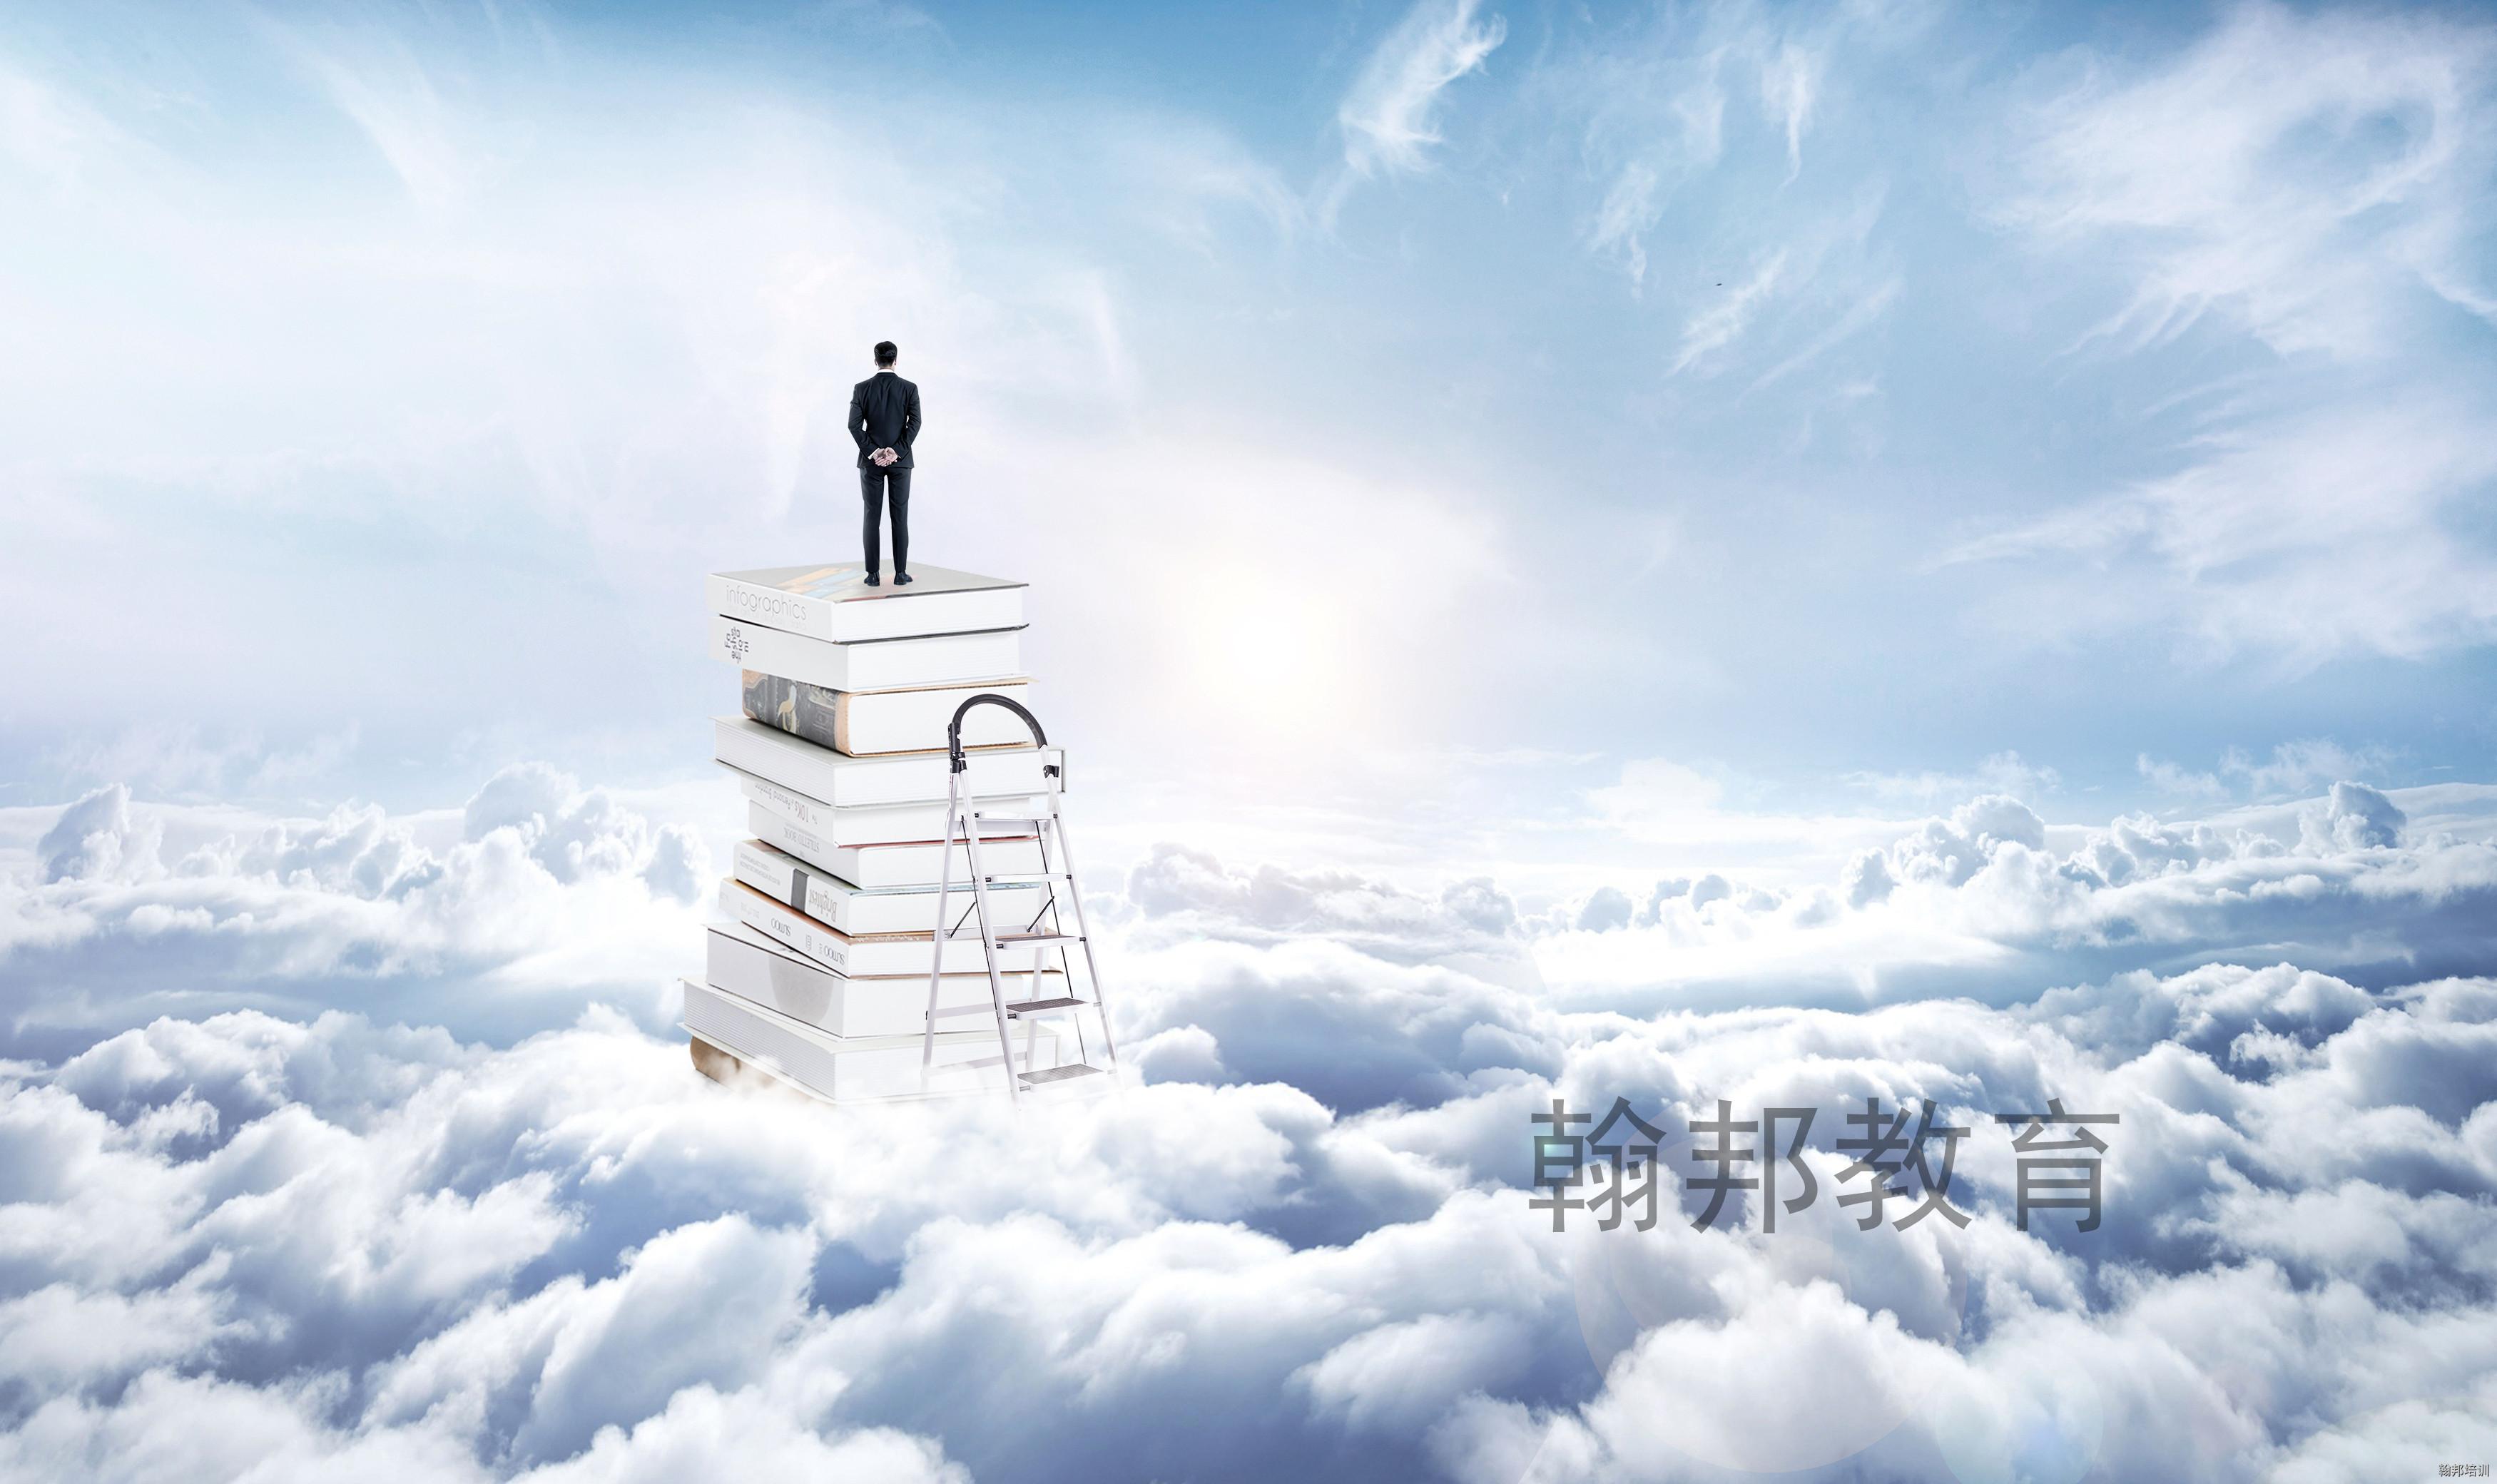 2020深圳龙岗区成人教育好通过嘛?去哪培训机构正规靠谱